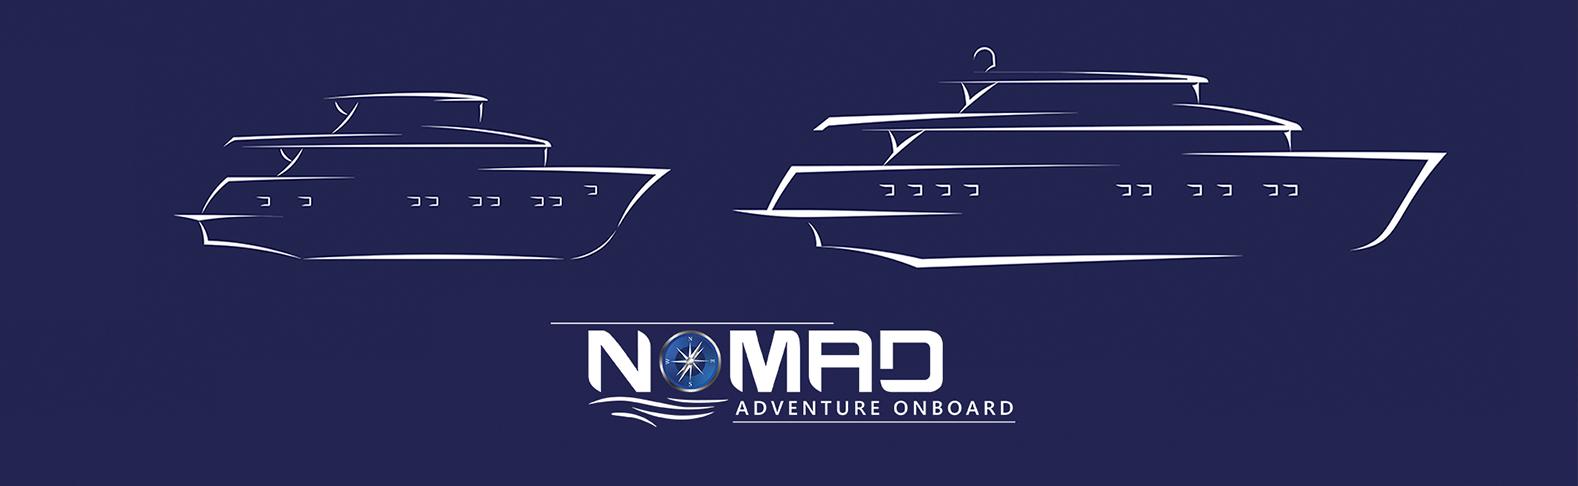 Nomad-Yachts-teaser-(3)